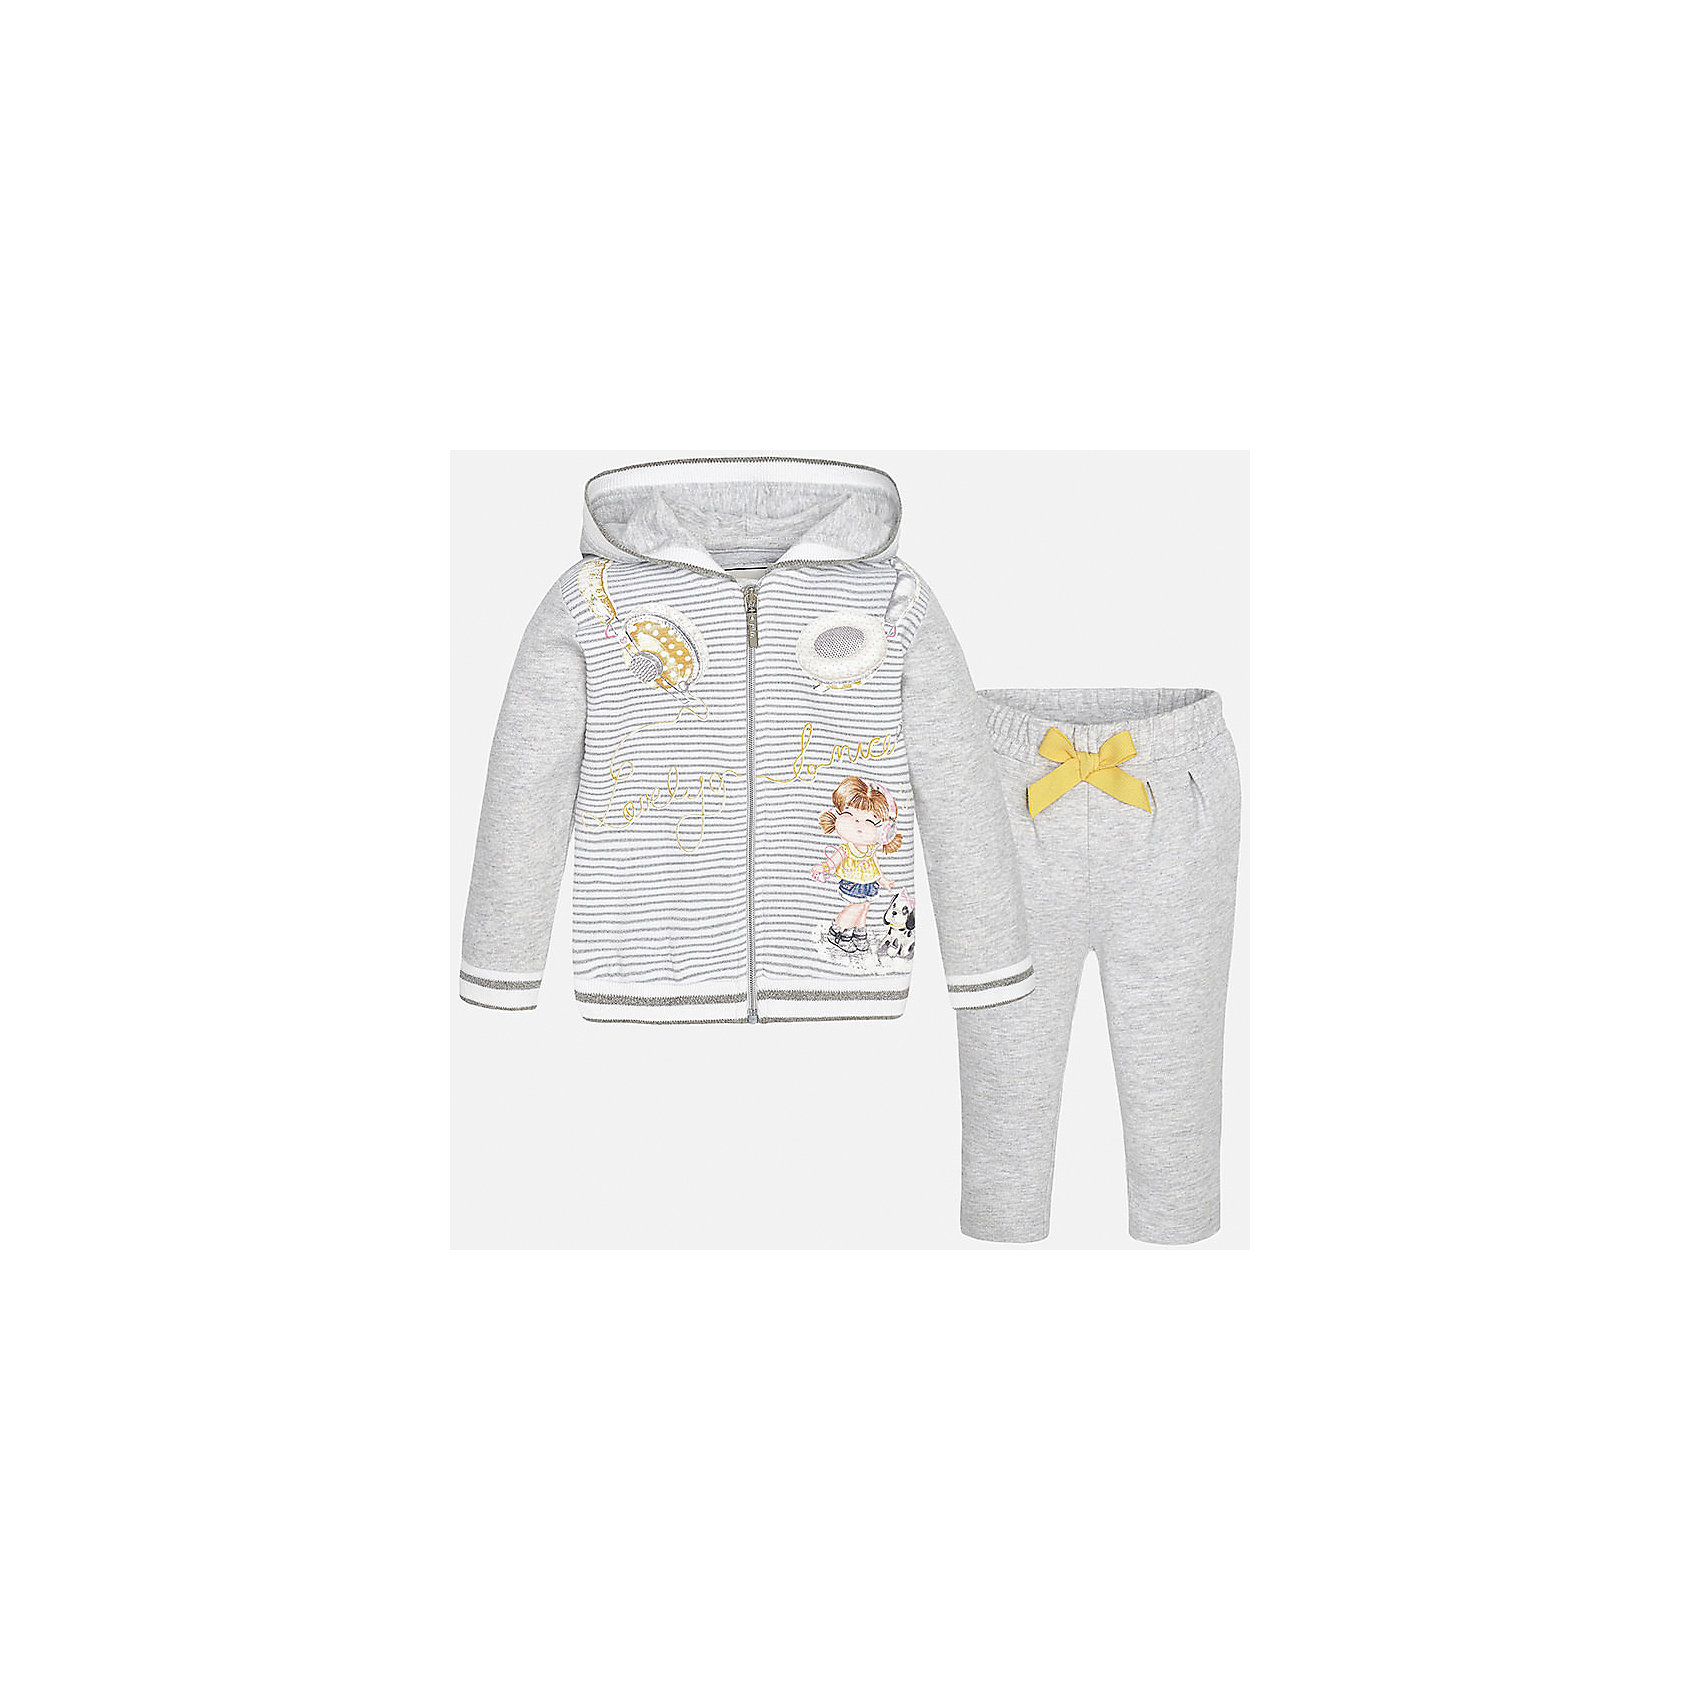 Спортивный костюм для девочки MayoralКомплекты<br>Характеристики товара:<br><br>• цвет: серый<br>• состав: 98% хлопок, 1% металлизированная нить, 1% эластан<br>• комплектация: курточка, штаны<br>• куртка декорирована принтом<br>• карманы<br>• капюшон<br>• штаны однотонные<br>• пояс на резинке<br>• бант<br>• страна бренда: Испания<br><br>Стильный качественный спортивный костюм для девочки поможет разнообразить гардероб ребенка и удобно одеться в теплую погоду. Курточка и штаны отлично сочетаются с другими предметами. Универсальный цвет позволяет подобрать к вещам верхнюю одежду практически любой расцветки. Интересная отделка модели делает её нарядной и оригинальной. В составе материала - натуральный хлопок, гипоаллергенный, приятный на ощупь, дышащий.<br><br>Одежда, обувь и аксессуары от испанского бренда Mayoral полюбились детям и взрослым по всему миру. Модели этой марки - стильные и удобные. Для их производства используются только безопасные, качественные материалы и фурнитура. Порадуйте ребенка модными и красивыми вещами от Mayoral! <br><br>Спортивный костюм для девочки от испанского бренда Mayoral (Майорал) можно купить в нашем интернет-магазине.<br><br>Ширина мм: 247<br>Глубина мм: 16<br>Высота мм: 140<br>Вес г: 225<br>Цвет: белый<br>Возраст от месяцев: 6<br>Возраст до месяцев: 9<br>Пол: Женский<br>Возраст: Детский<br>Размер: 74,92,80,86<br>SKU: 5289148